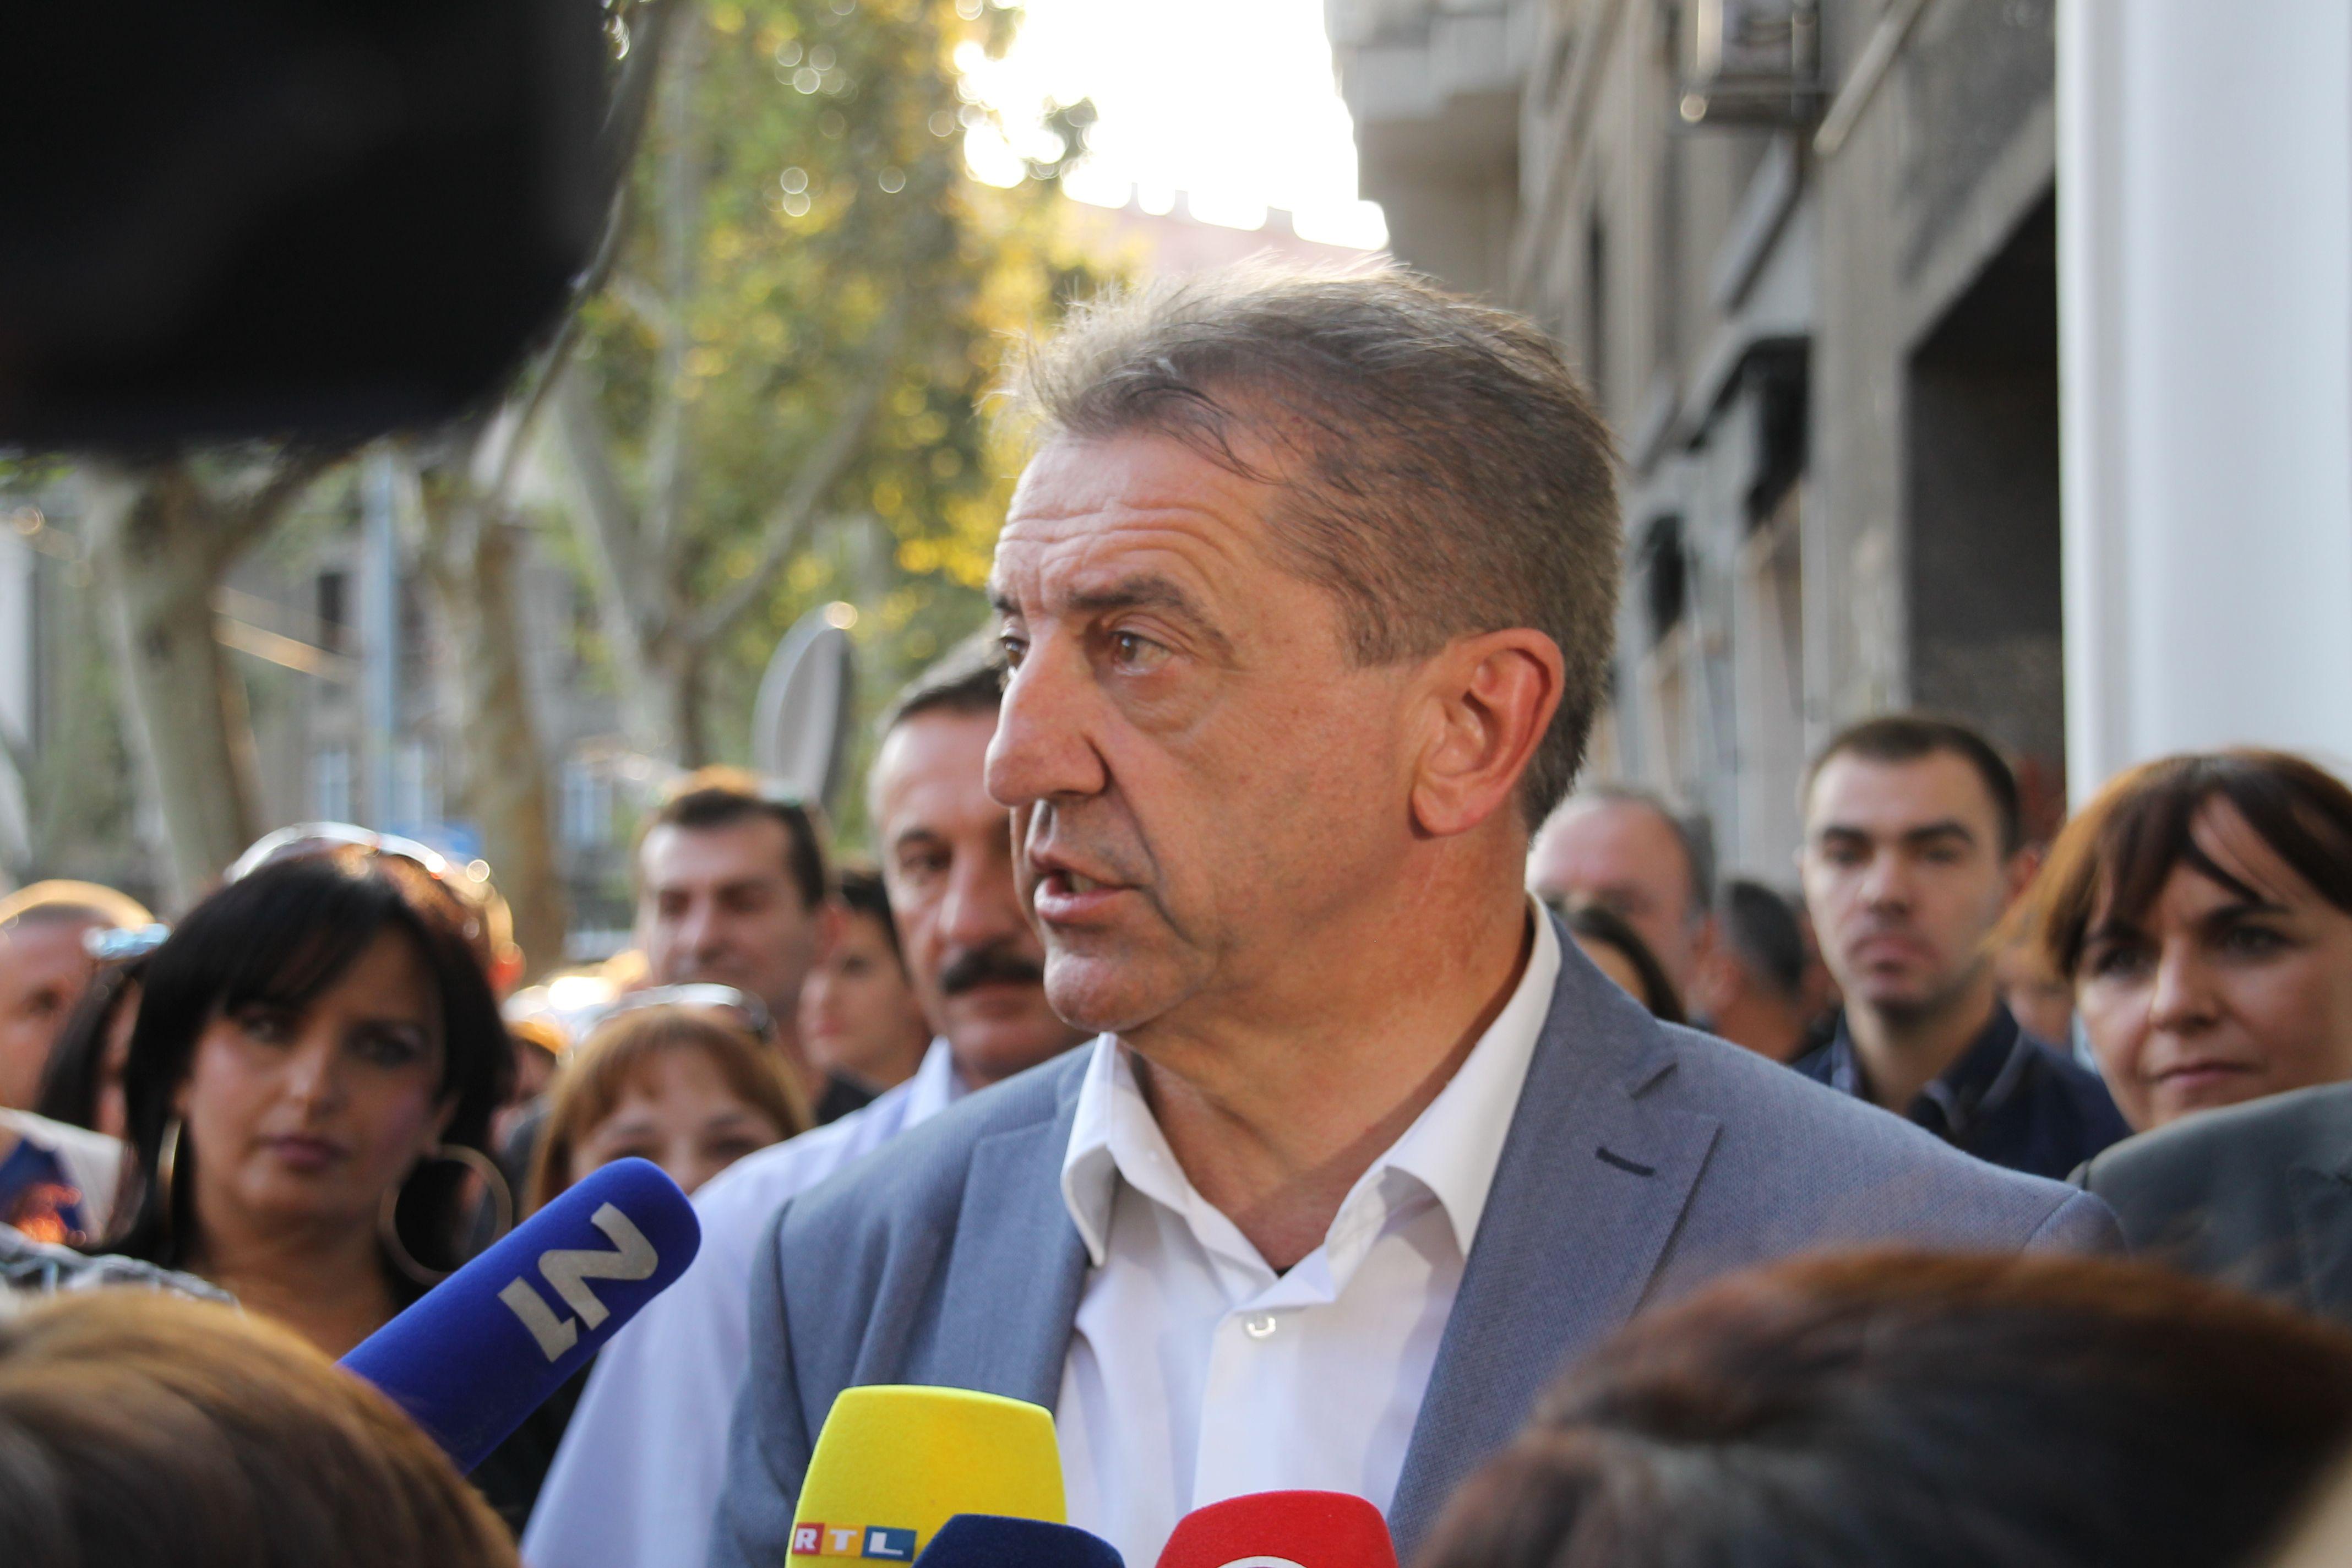 """Milinović će sazvati Županijsku skupštinu osobno ako to ne učini Kustić: """"Mislim da će ovaj put proračun biti usvojen, sve ide u tom smjeru"""""""